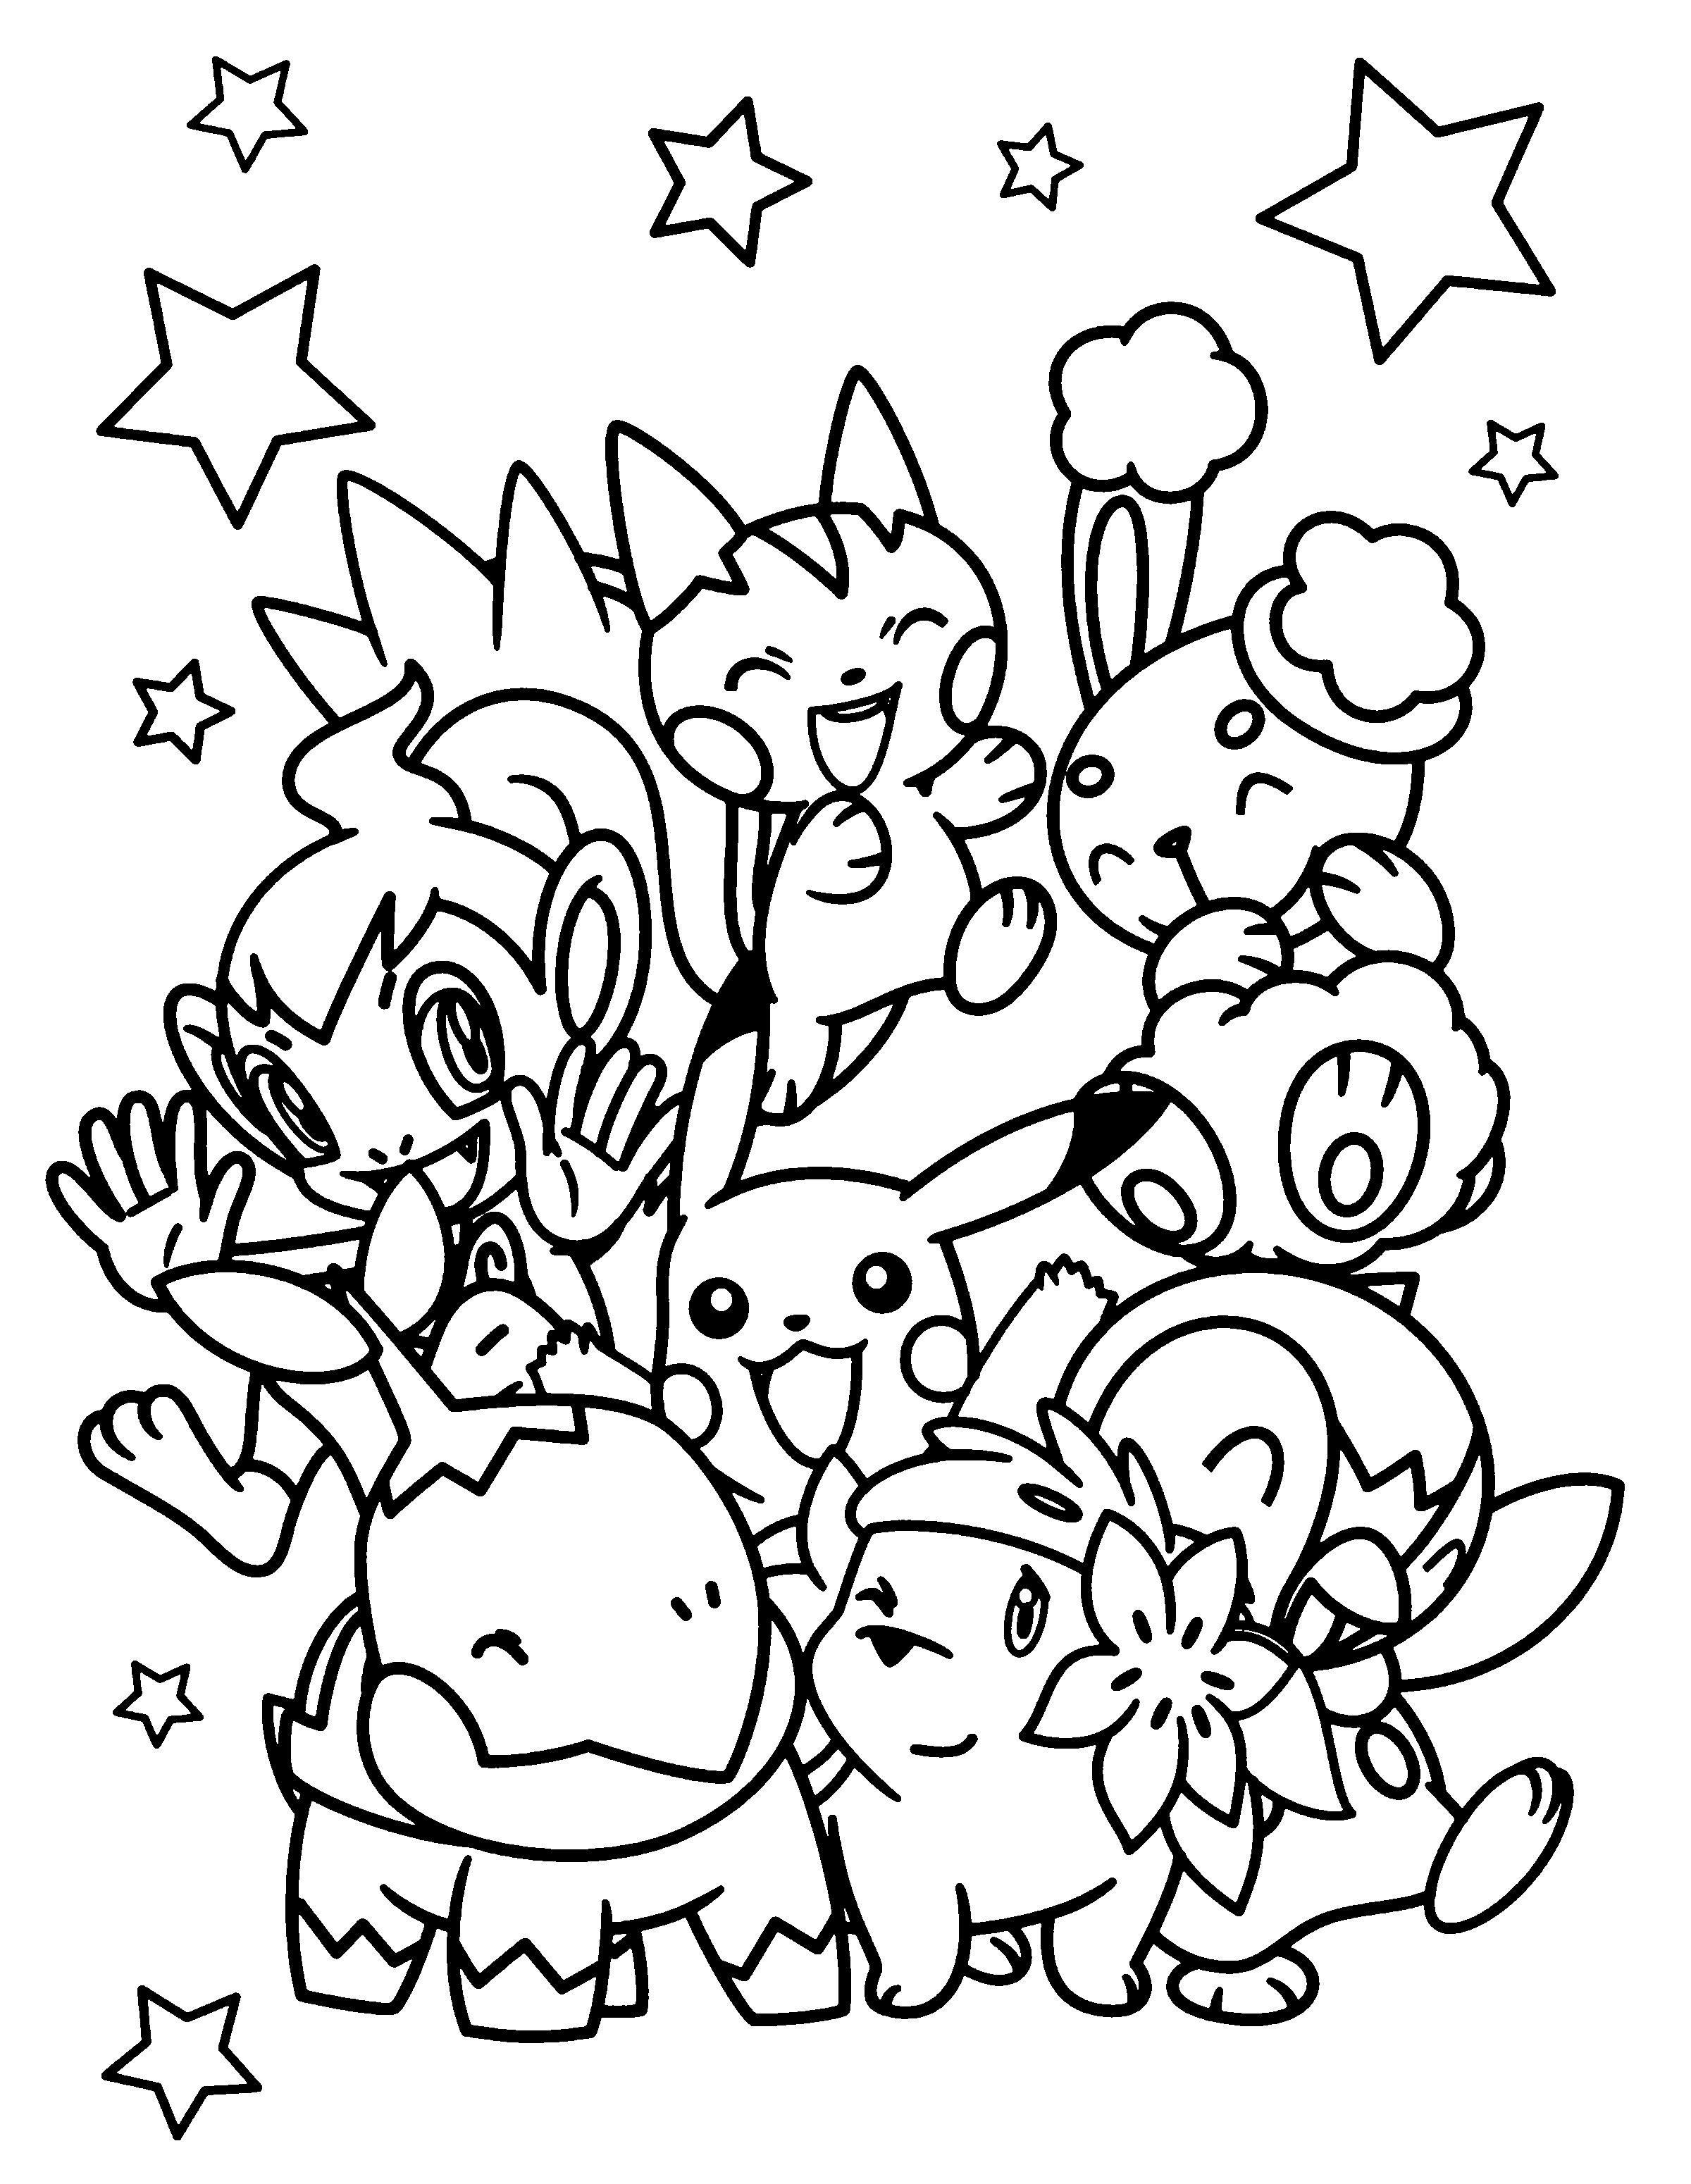 Quatang Gallery- Kleurplaat Wat Een Pokemons Kleurplaten Gratis Kleurplaten Kinderkleurplaten